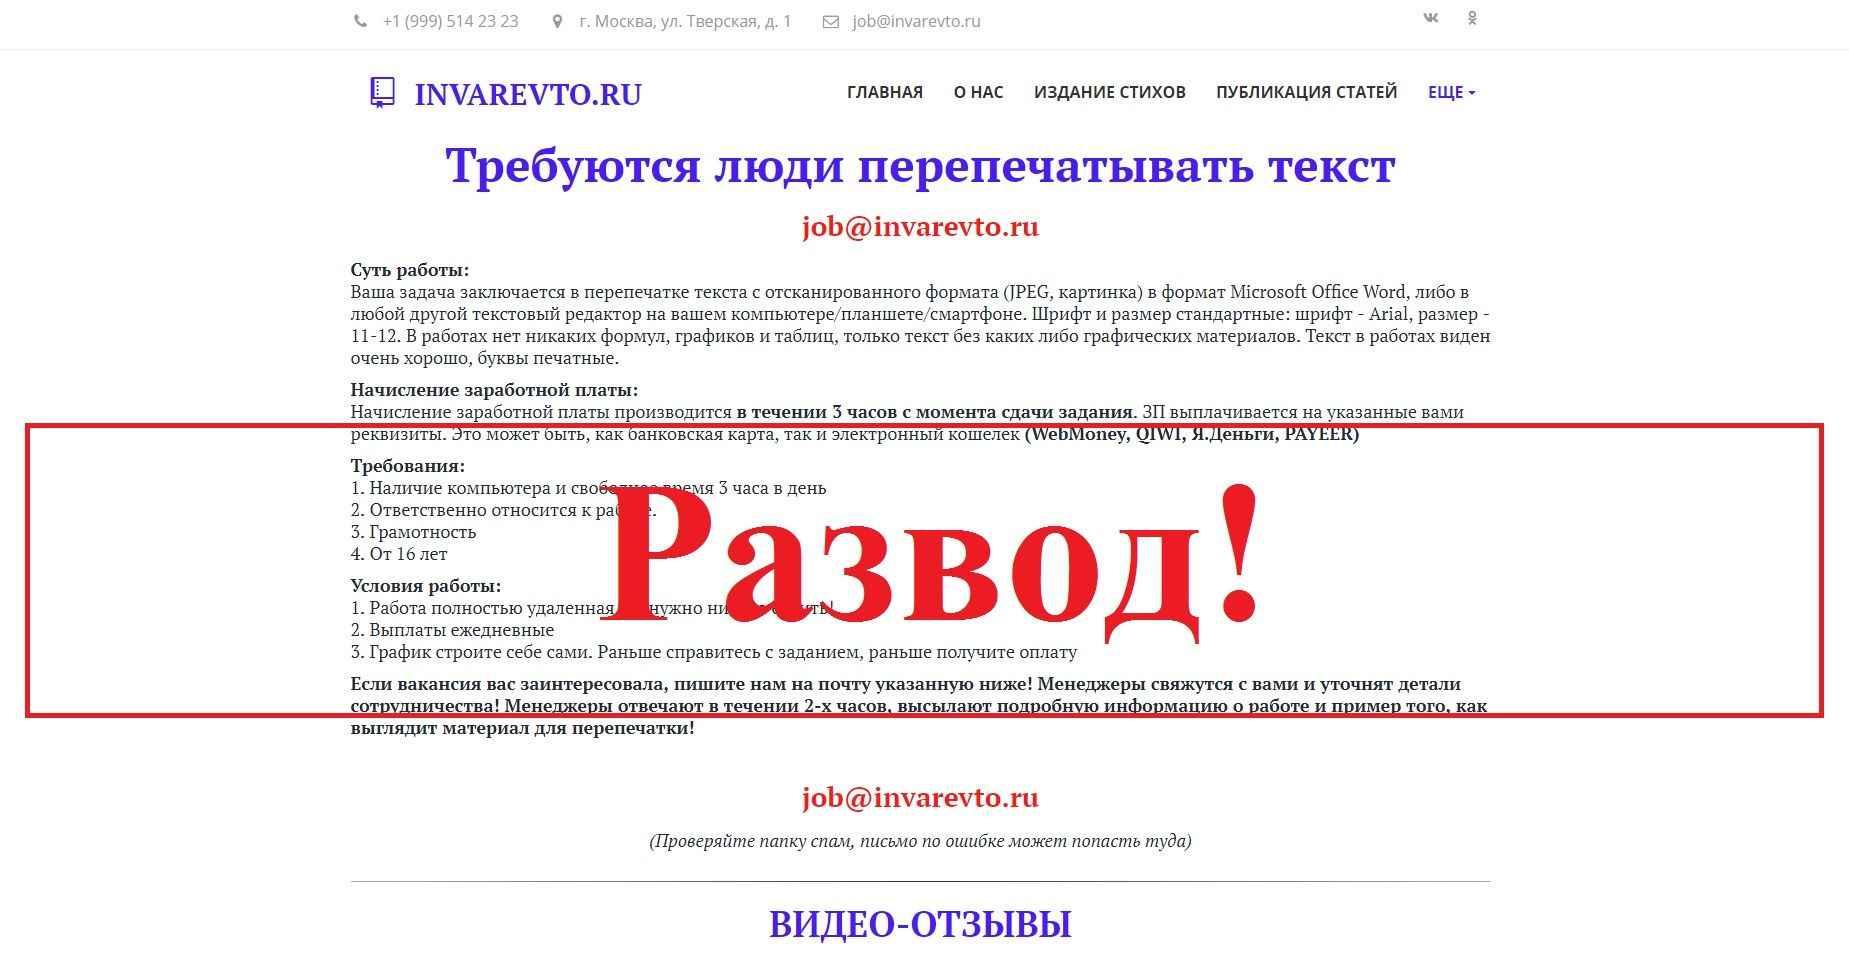 Invarevto.ru – сомнительный проект. Отзывы о работе